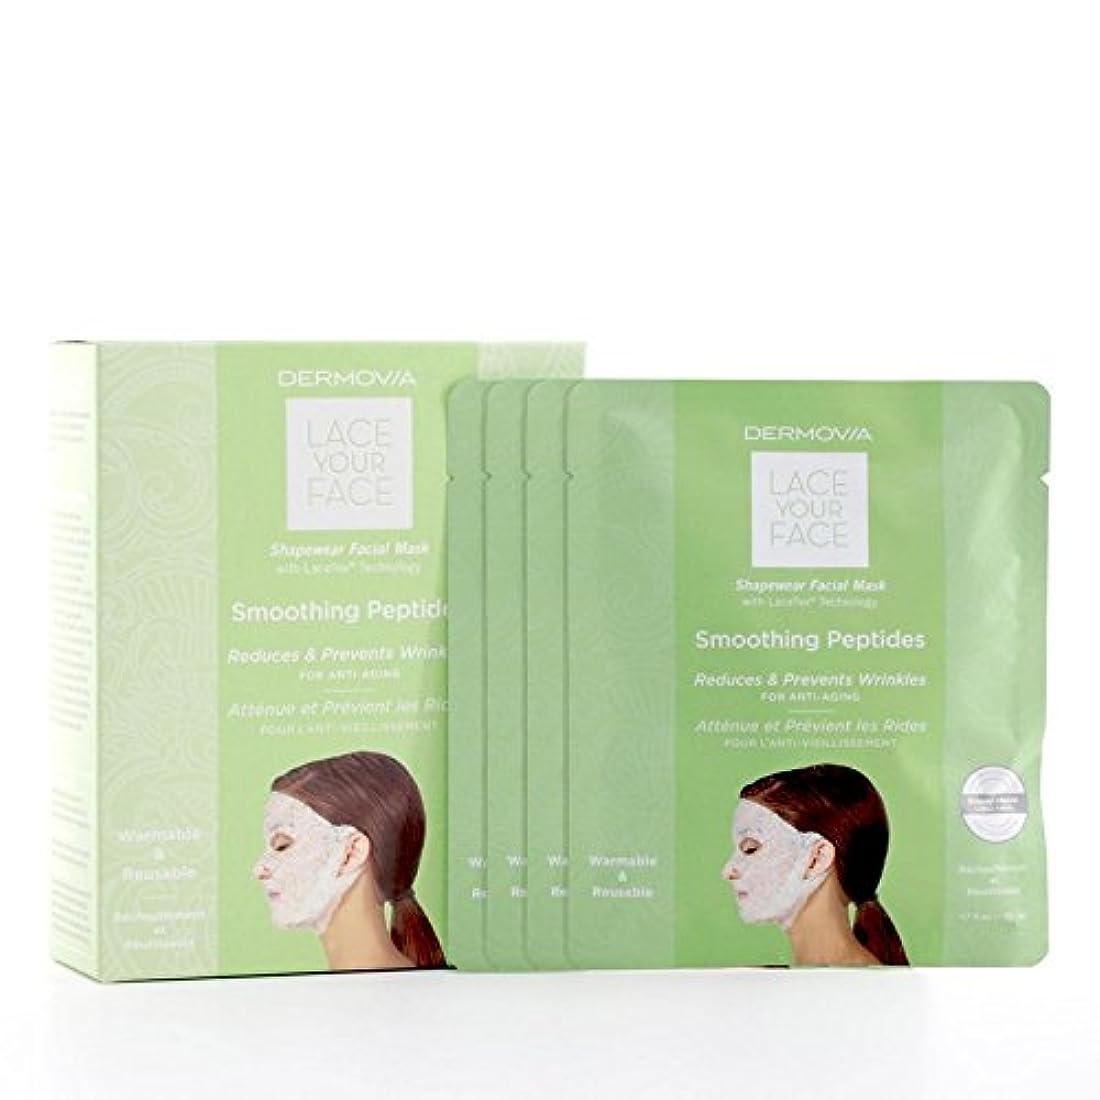 テントミサイル国Dermovia Lace Your Face Compression Facial Mask Smoothing Peptides (Pack of 6) - は、あなたの顔の圧縮フェイシャルマスク平滑化ペプチドをひもで...